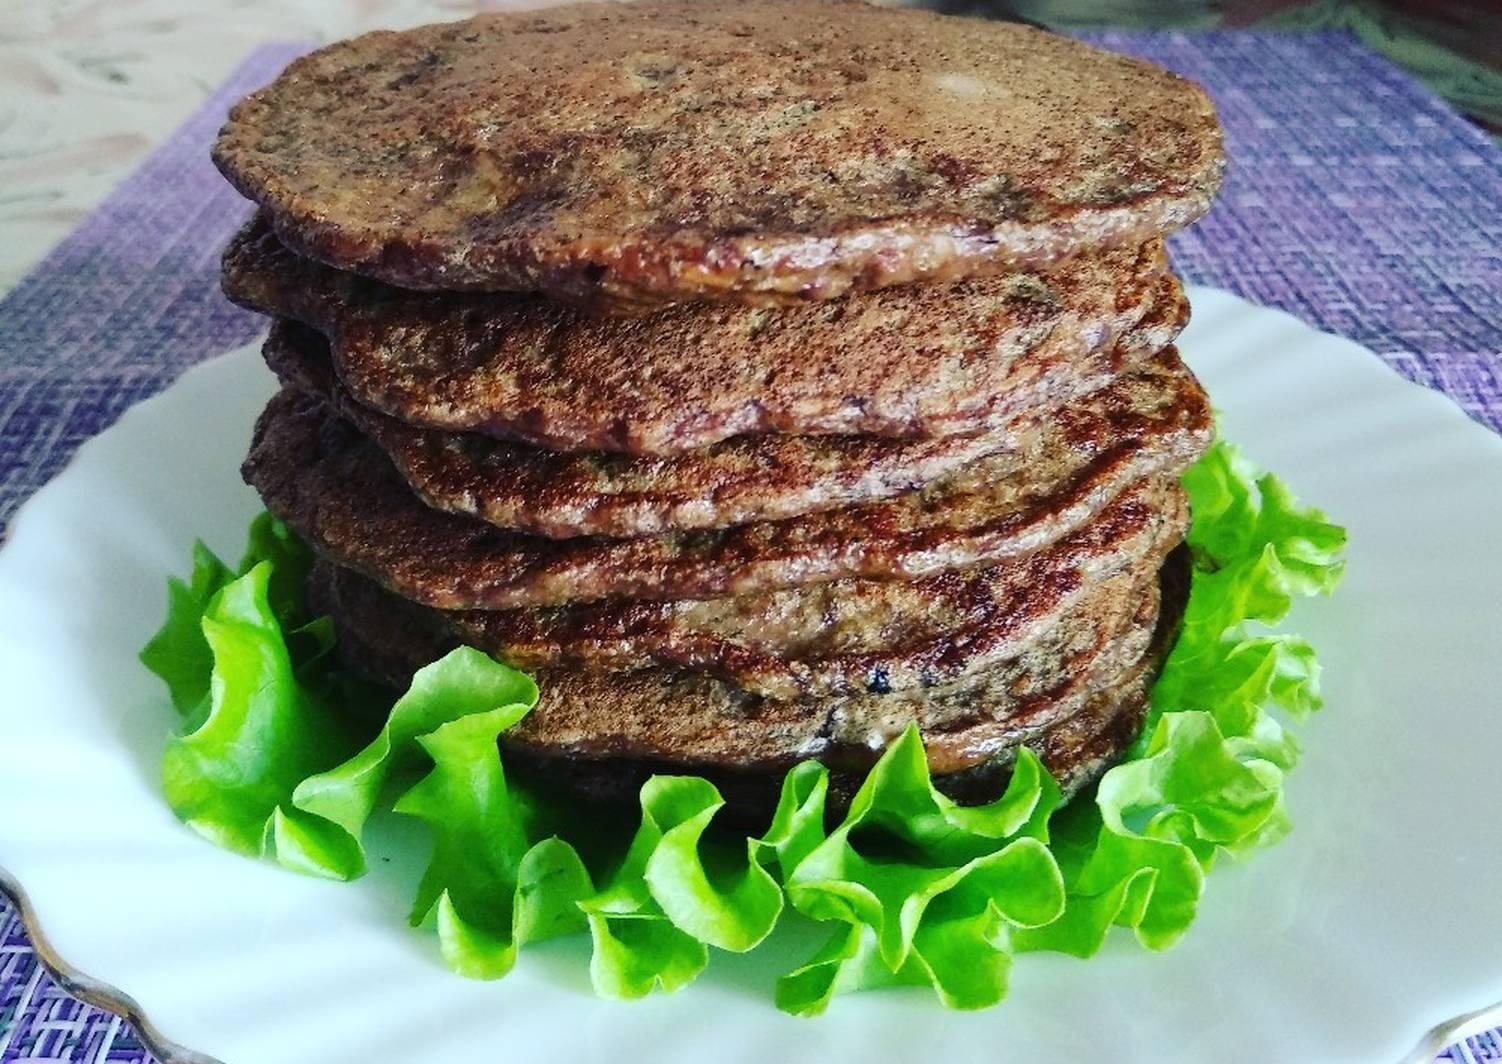 Печеночные оладьи: рецепт с фото, секреты приготовления, ингредиенты для приготовления блюда, правила его подачи